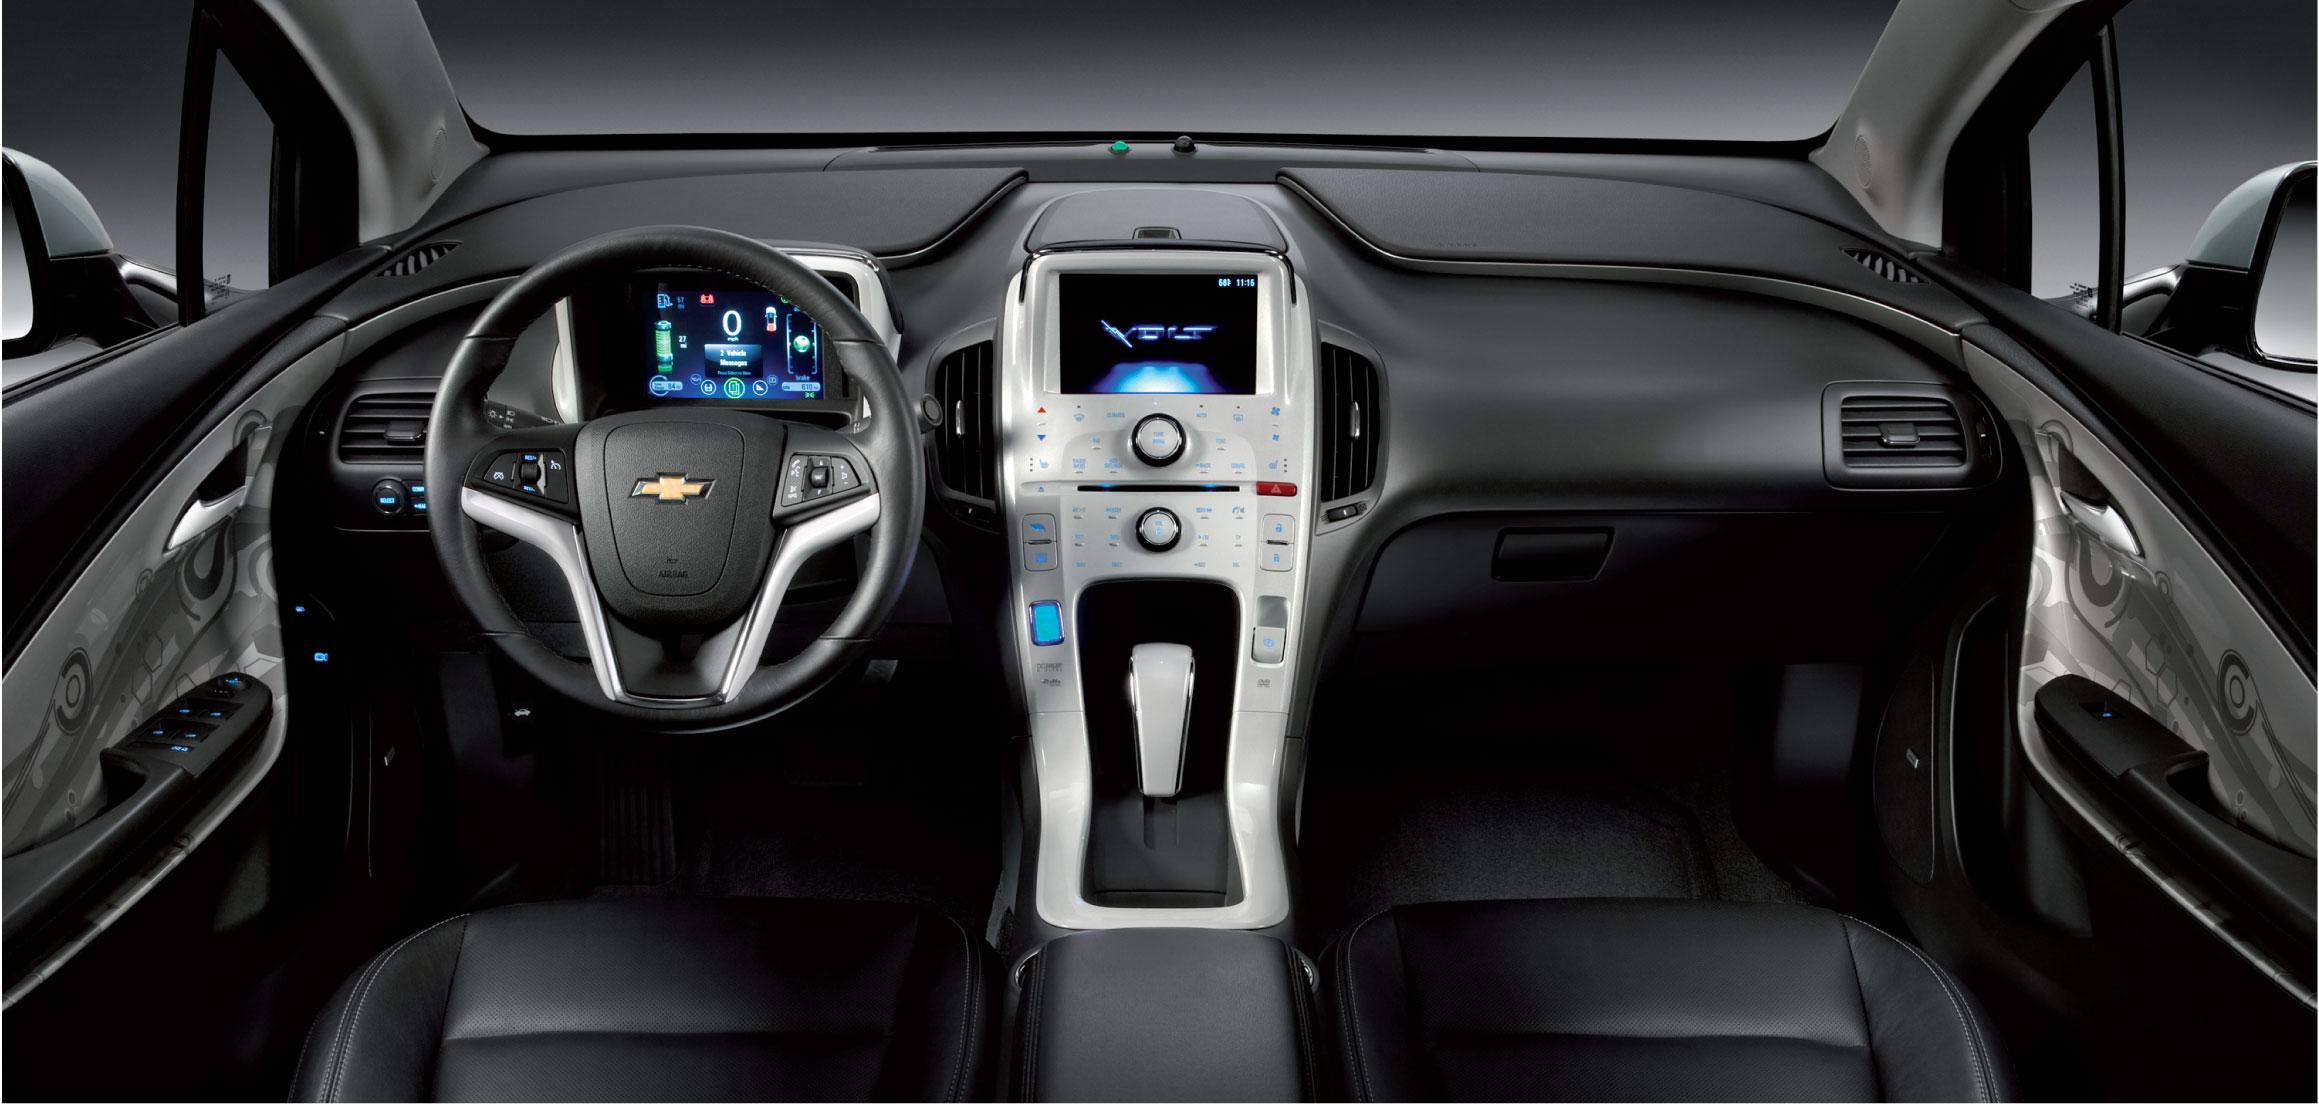 Cuadro de mandos Chevrolet Volt